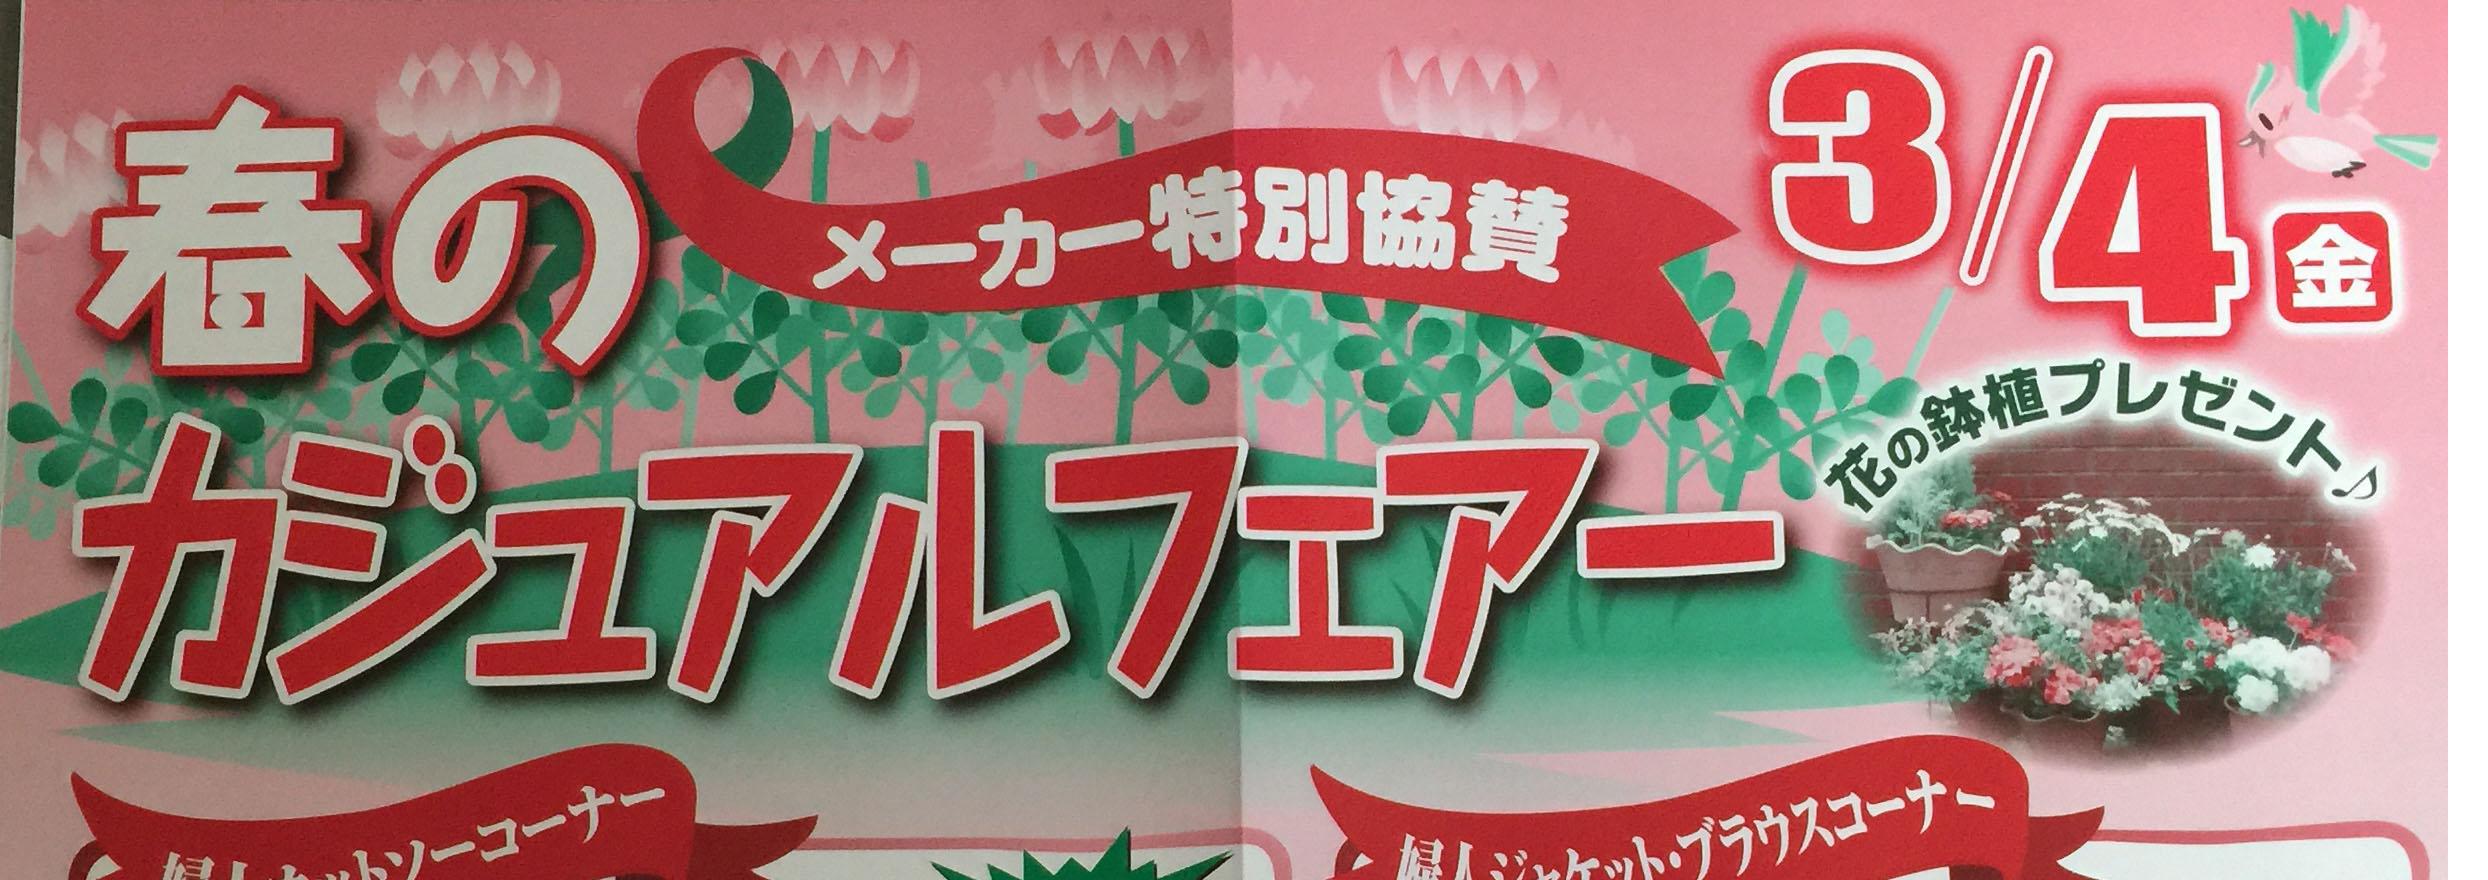 【3/4(金)春のカジュアルフェアー】ブラウス・カットソーが勢揃い!!:画像